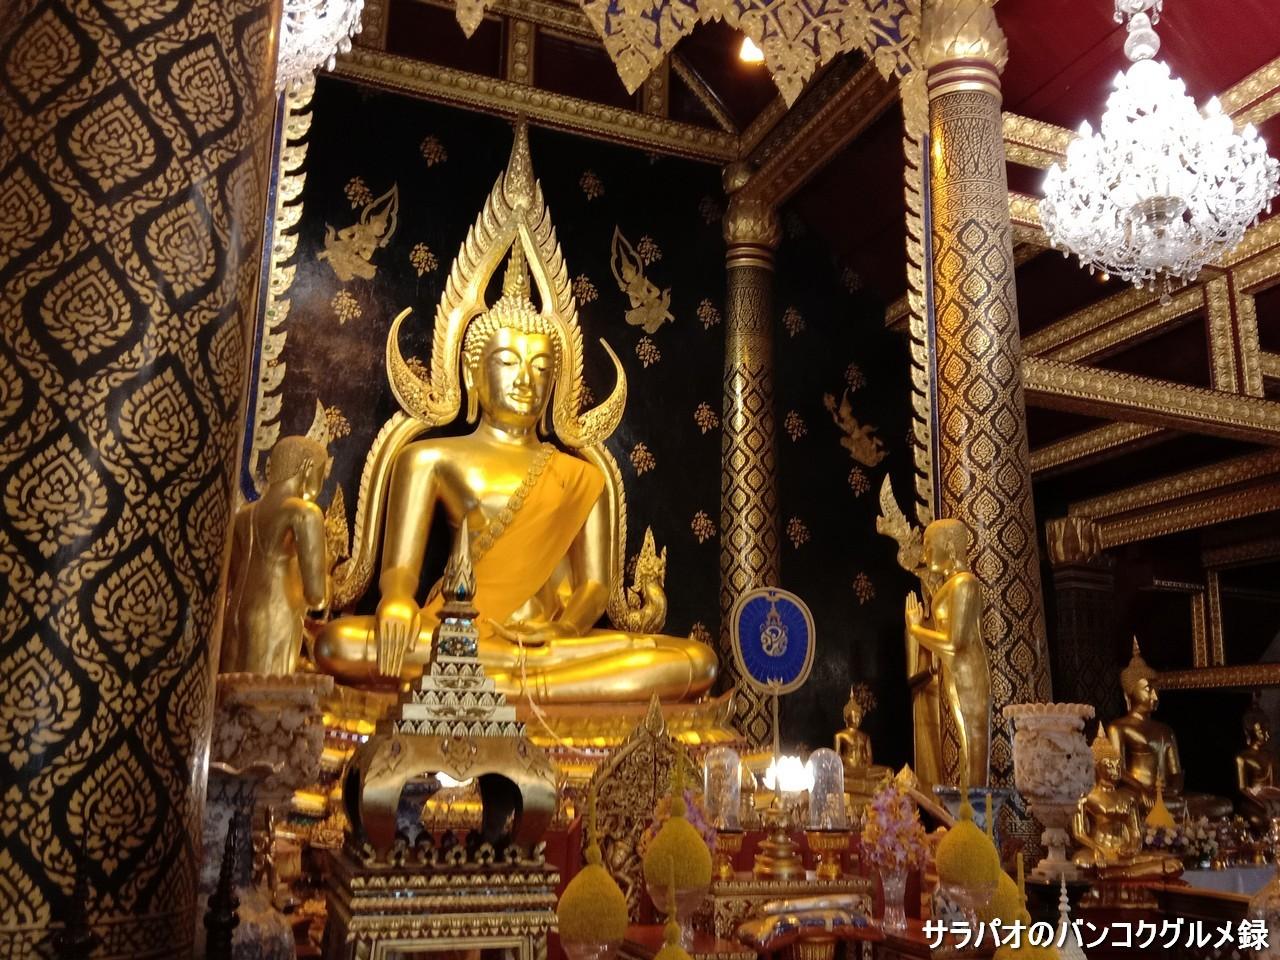 ワット・ヤイにあるタイで最も美しいとされるチナラート仏 in ピッサヌローク県